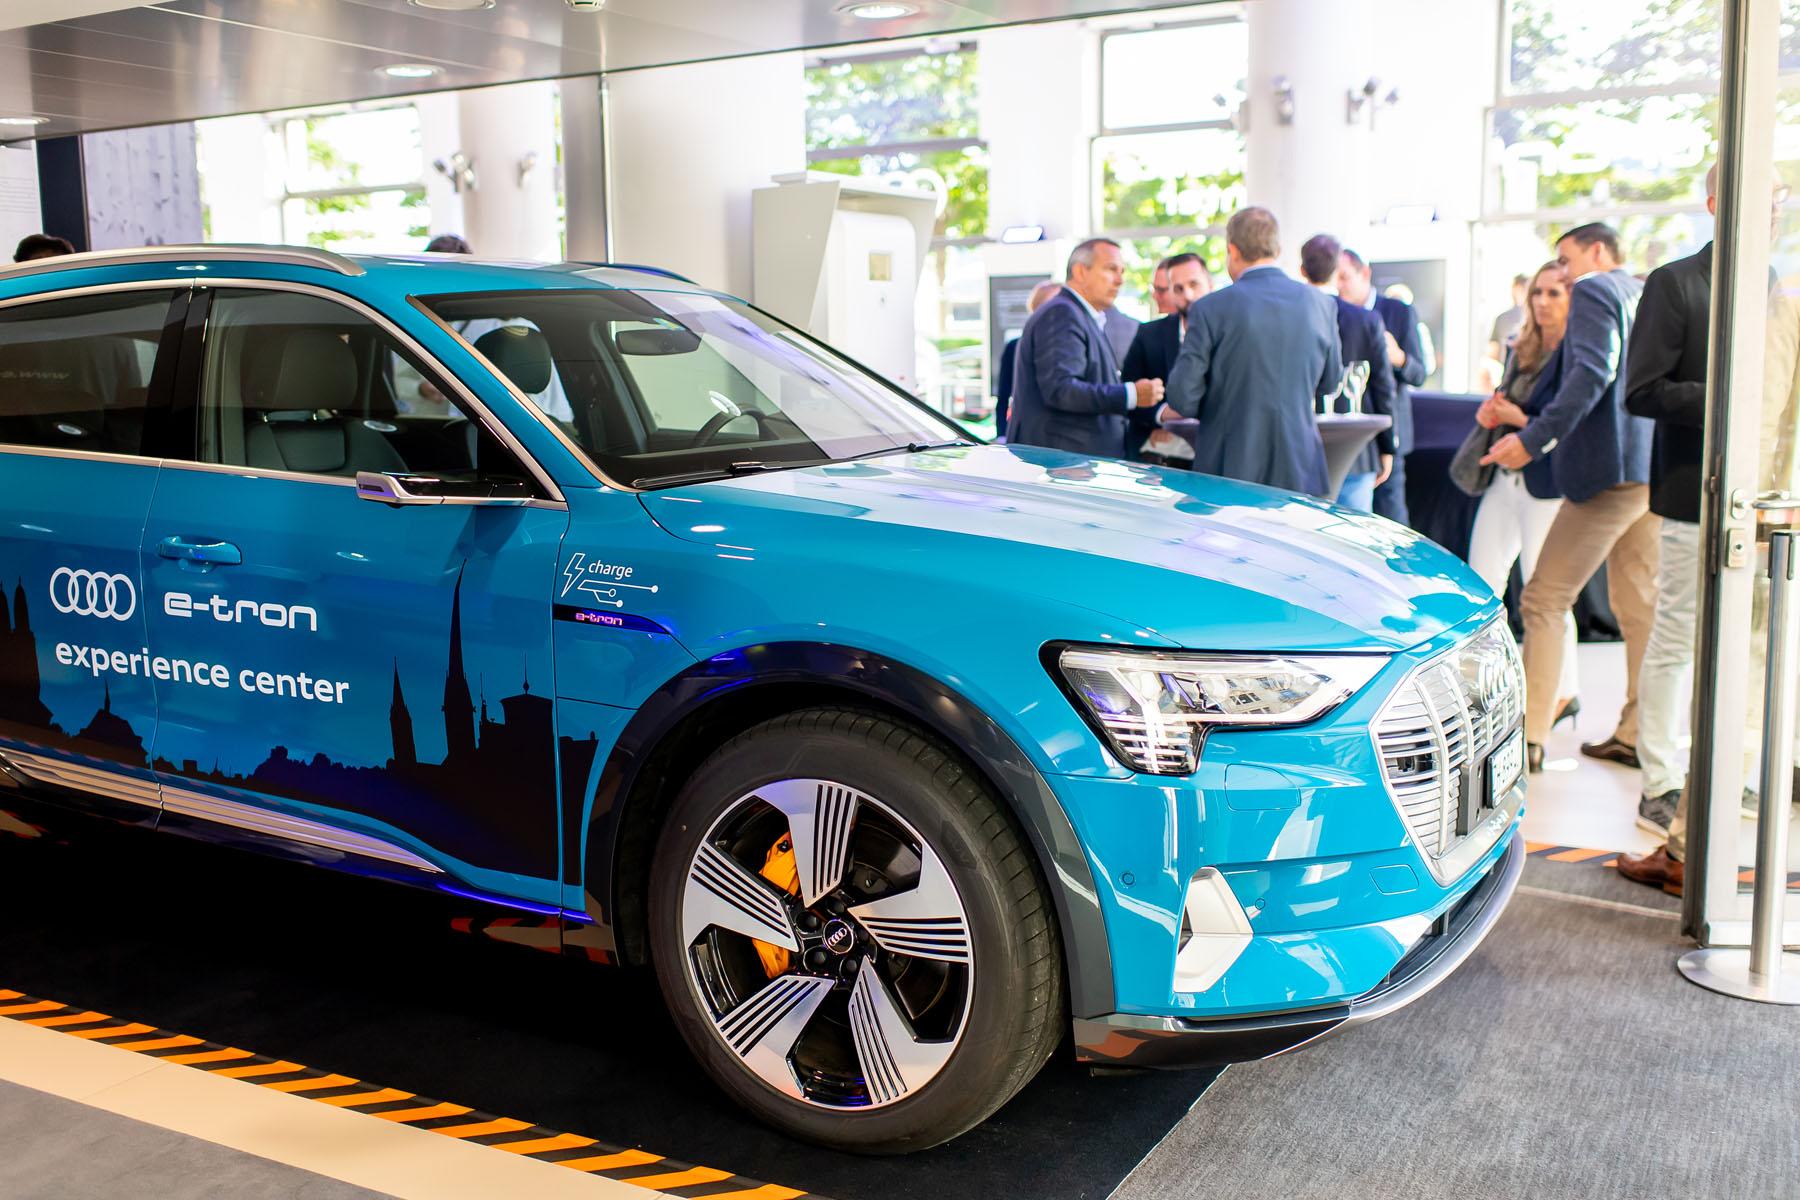 All'Utoquai è stazionata anche un'Audi e-tron. (Tom Lüthi)